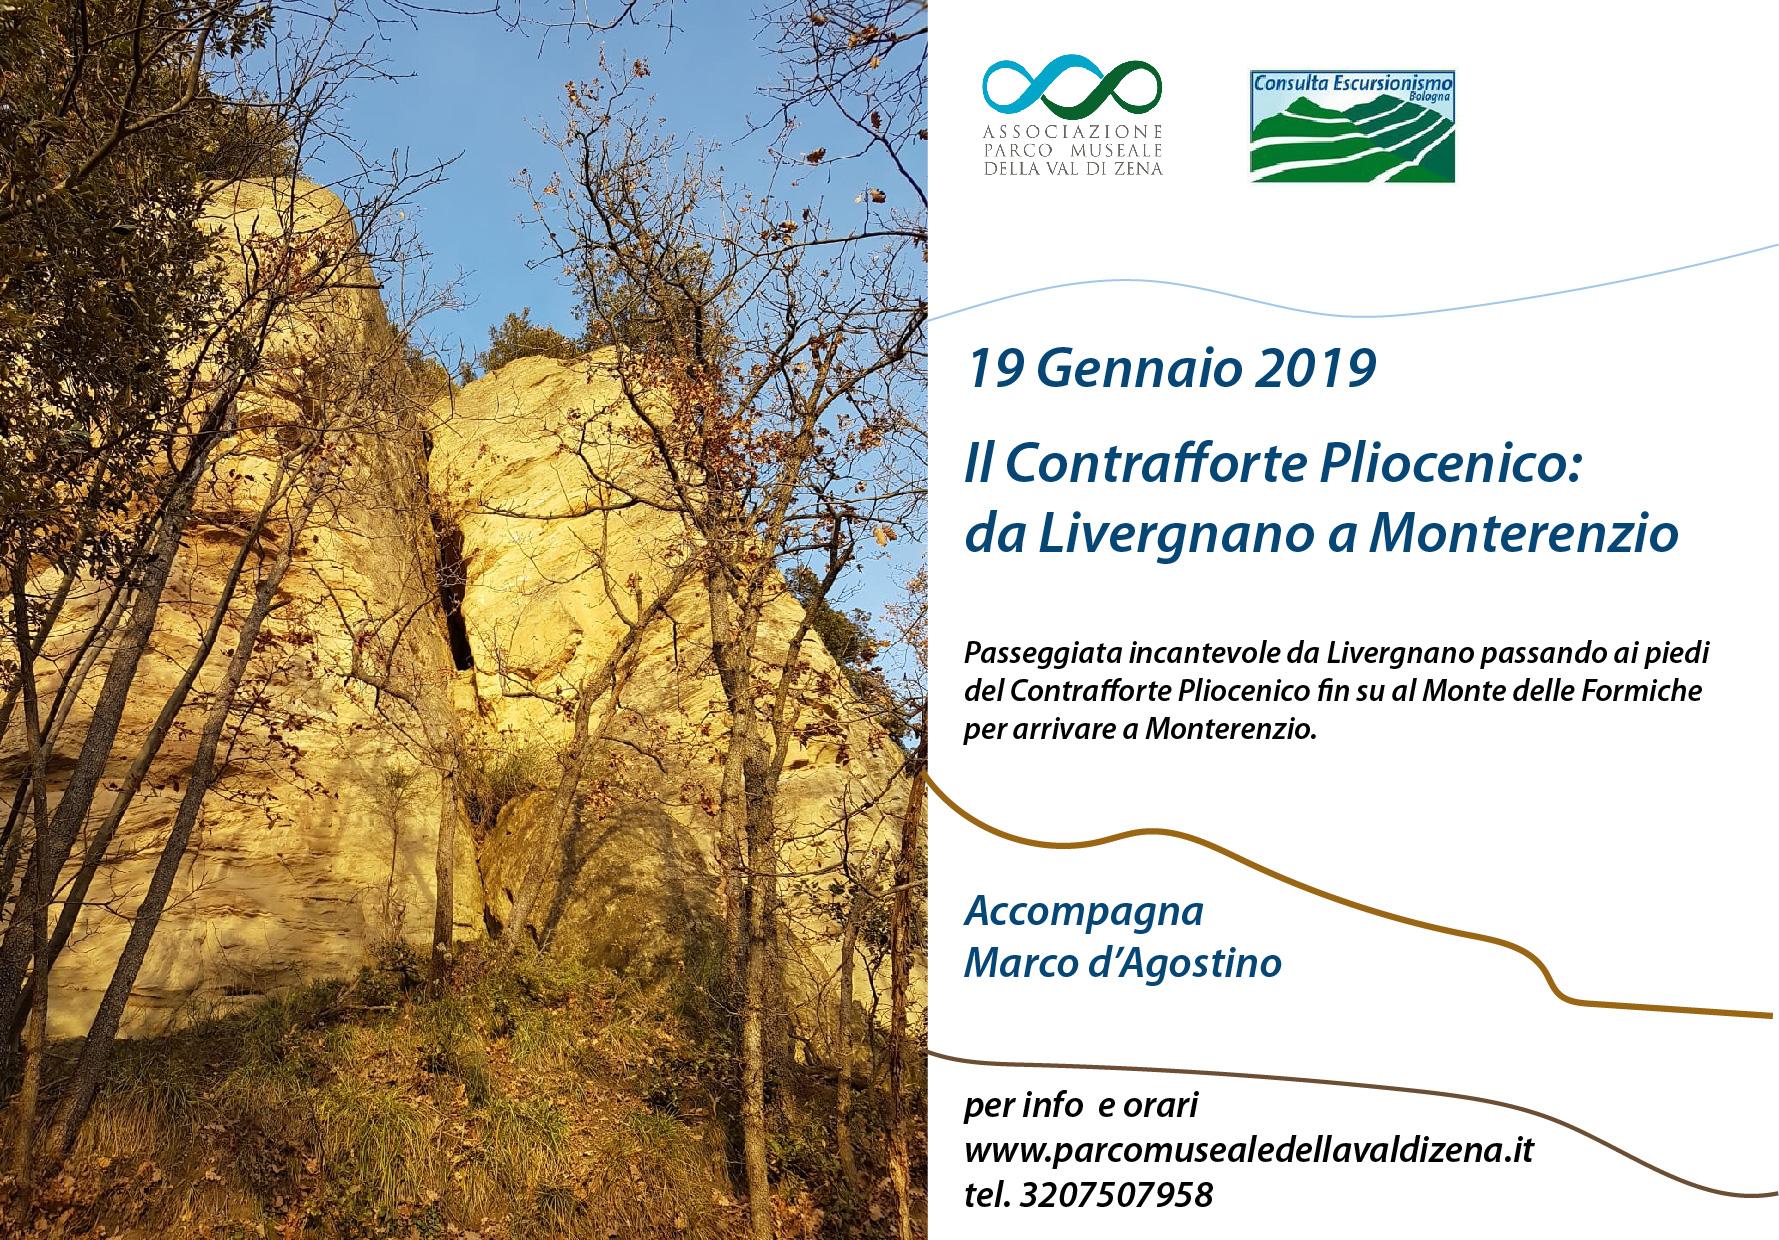 19 Gennaio 2019 — Il Contrafforte Pliocenico: da Livergnano a Monterenzio